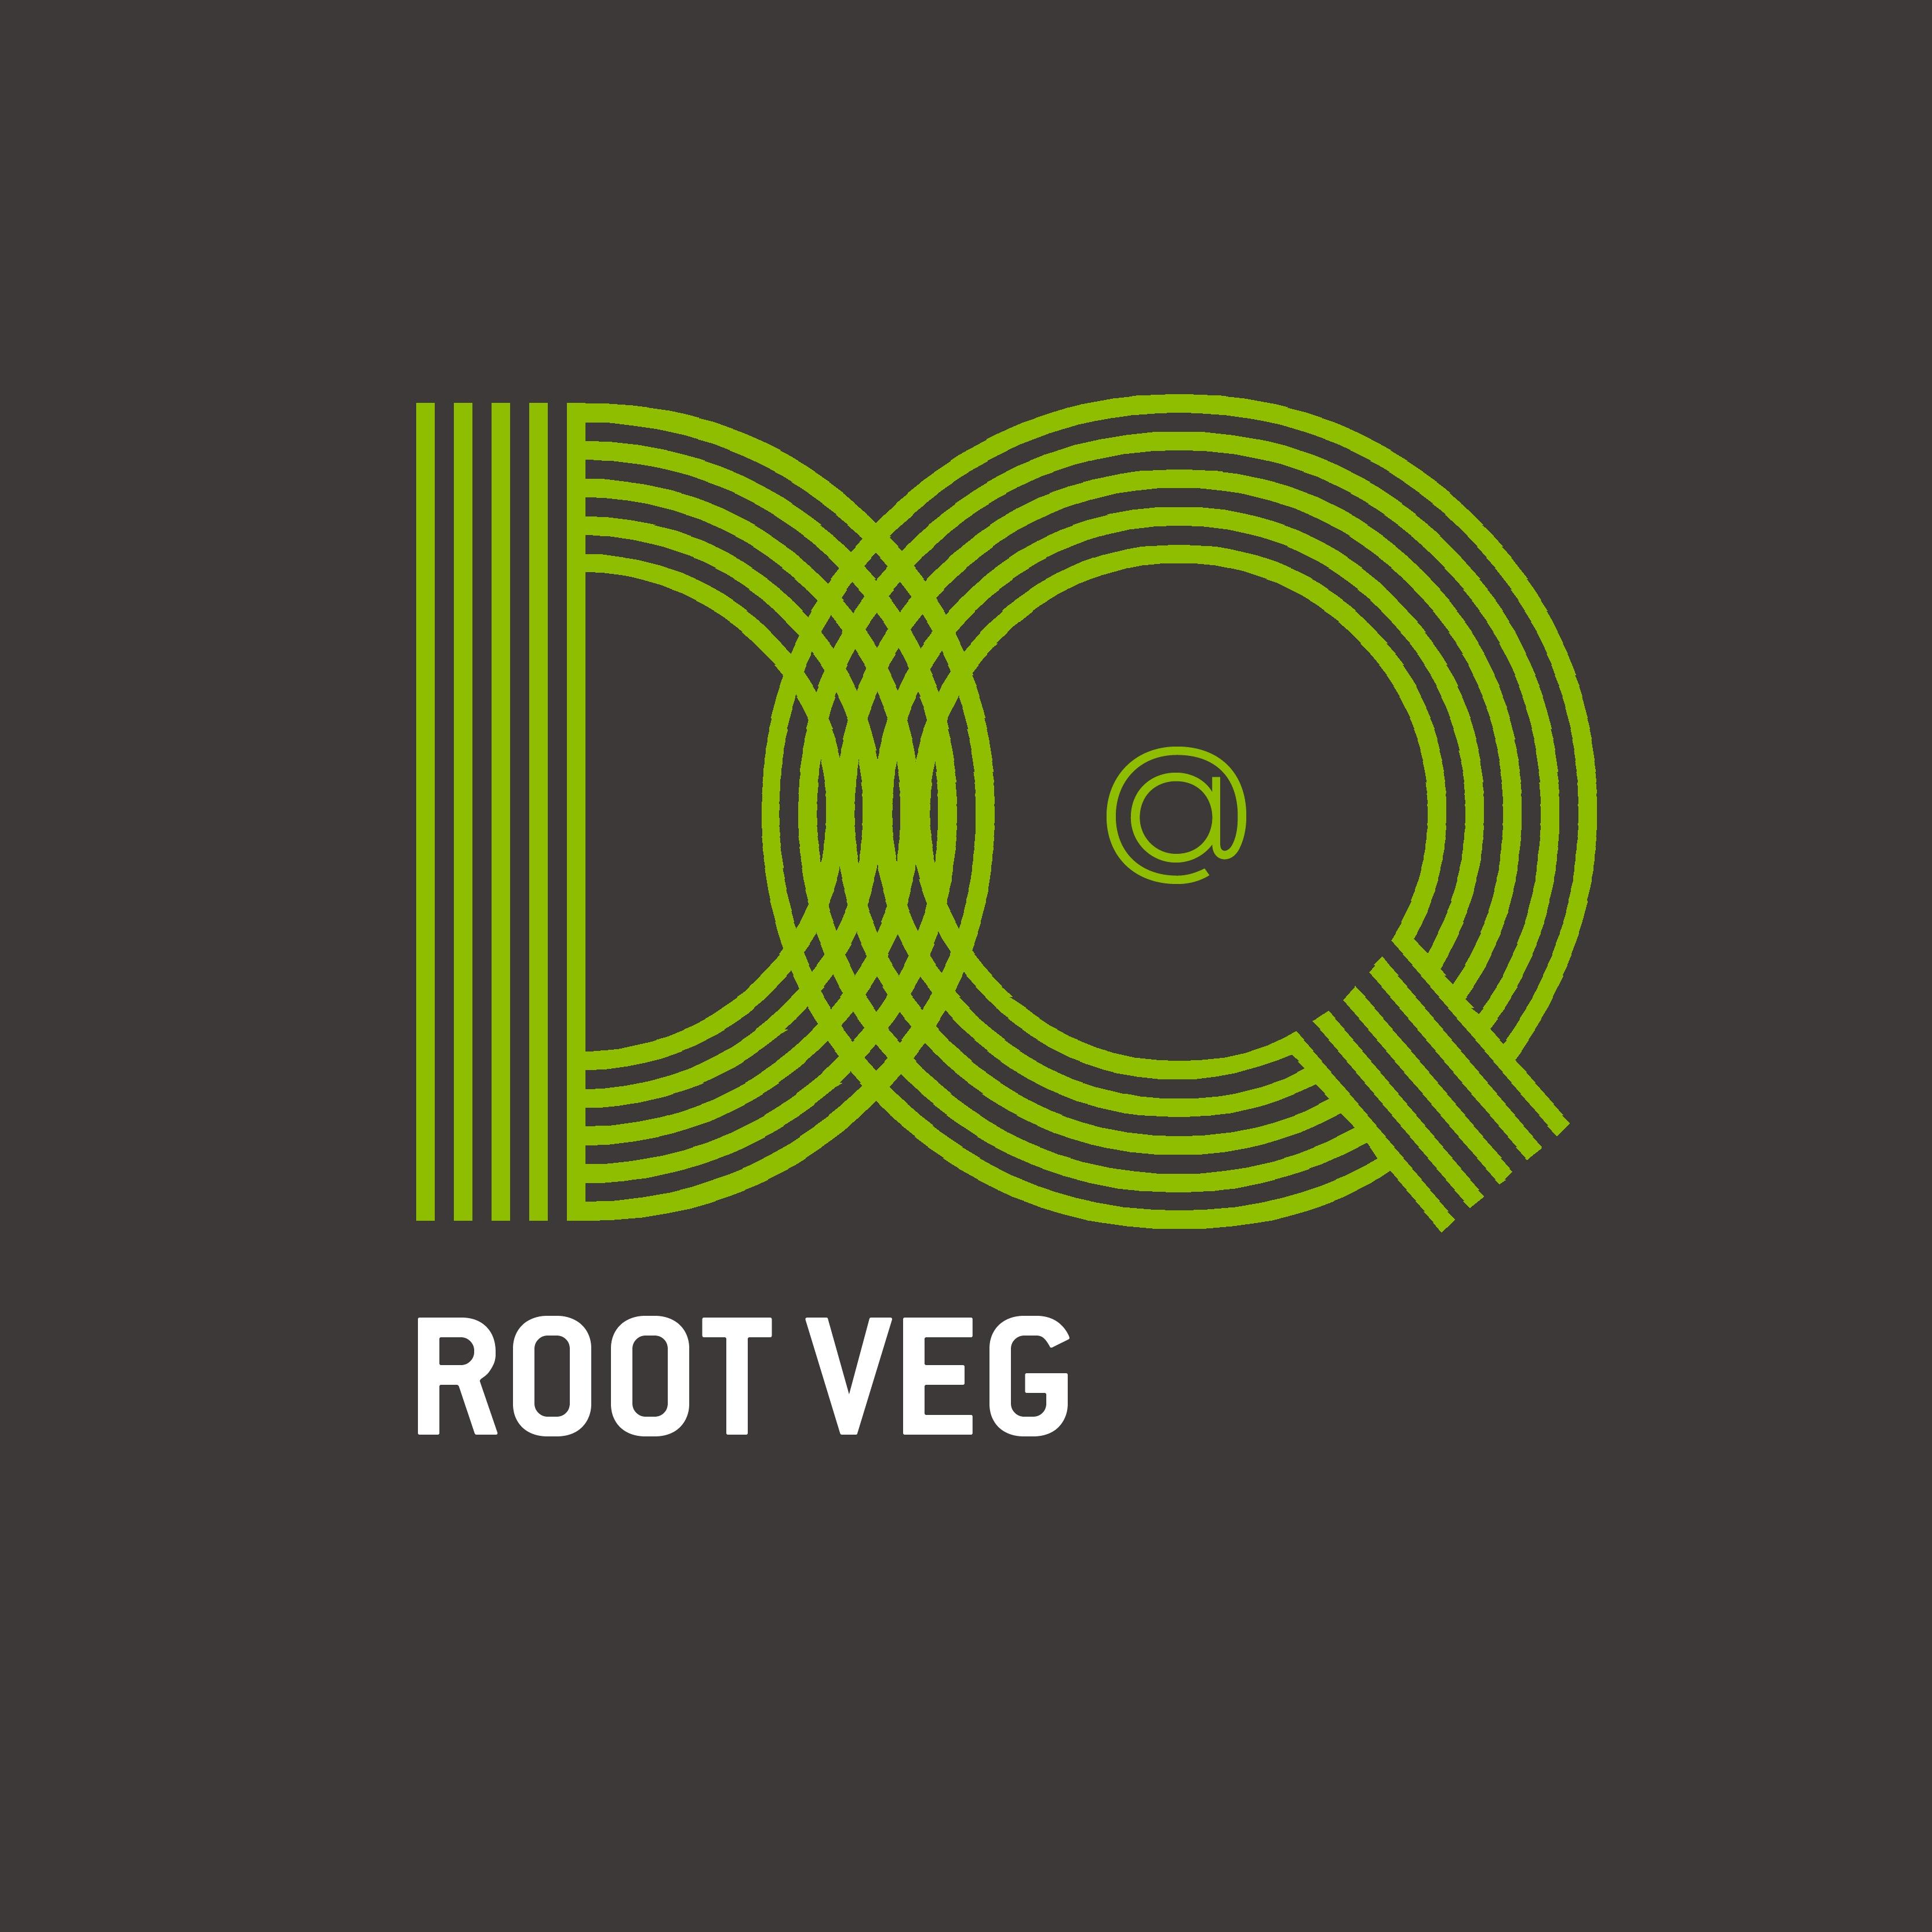 13. DQ - ROOT VEG